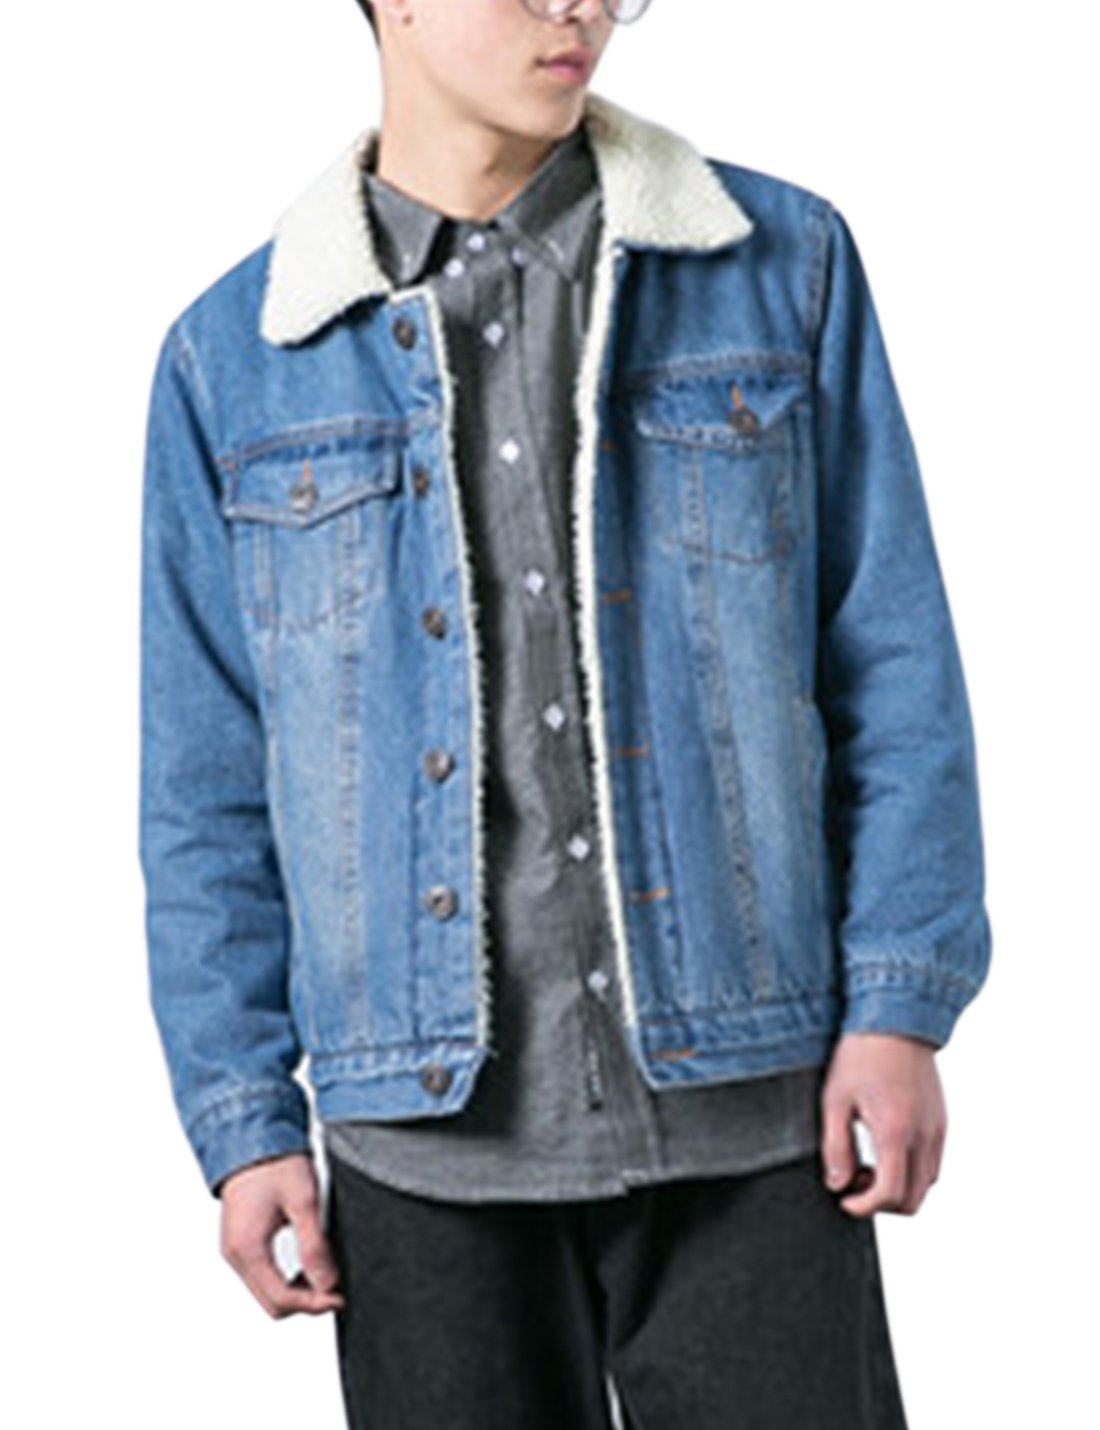 Lentta Men's Vintage Relax Fit Thick Fleece Sherpa Lined Denim Jean Jacket Coat (X-Small, Light Blue) by Lentta